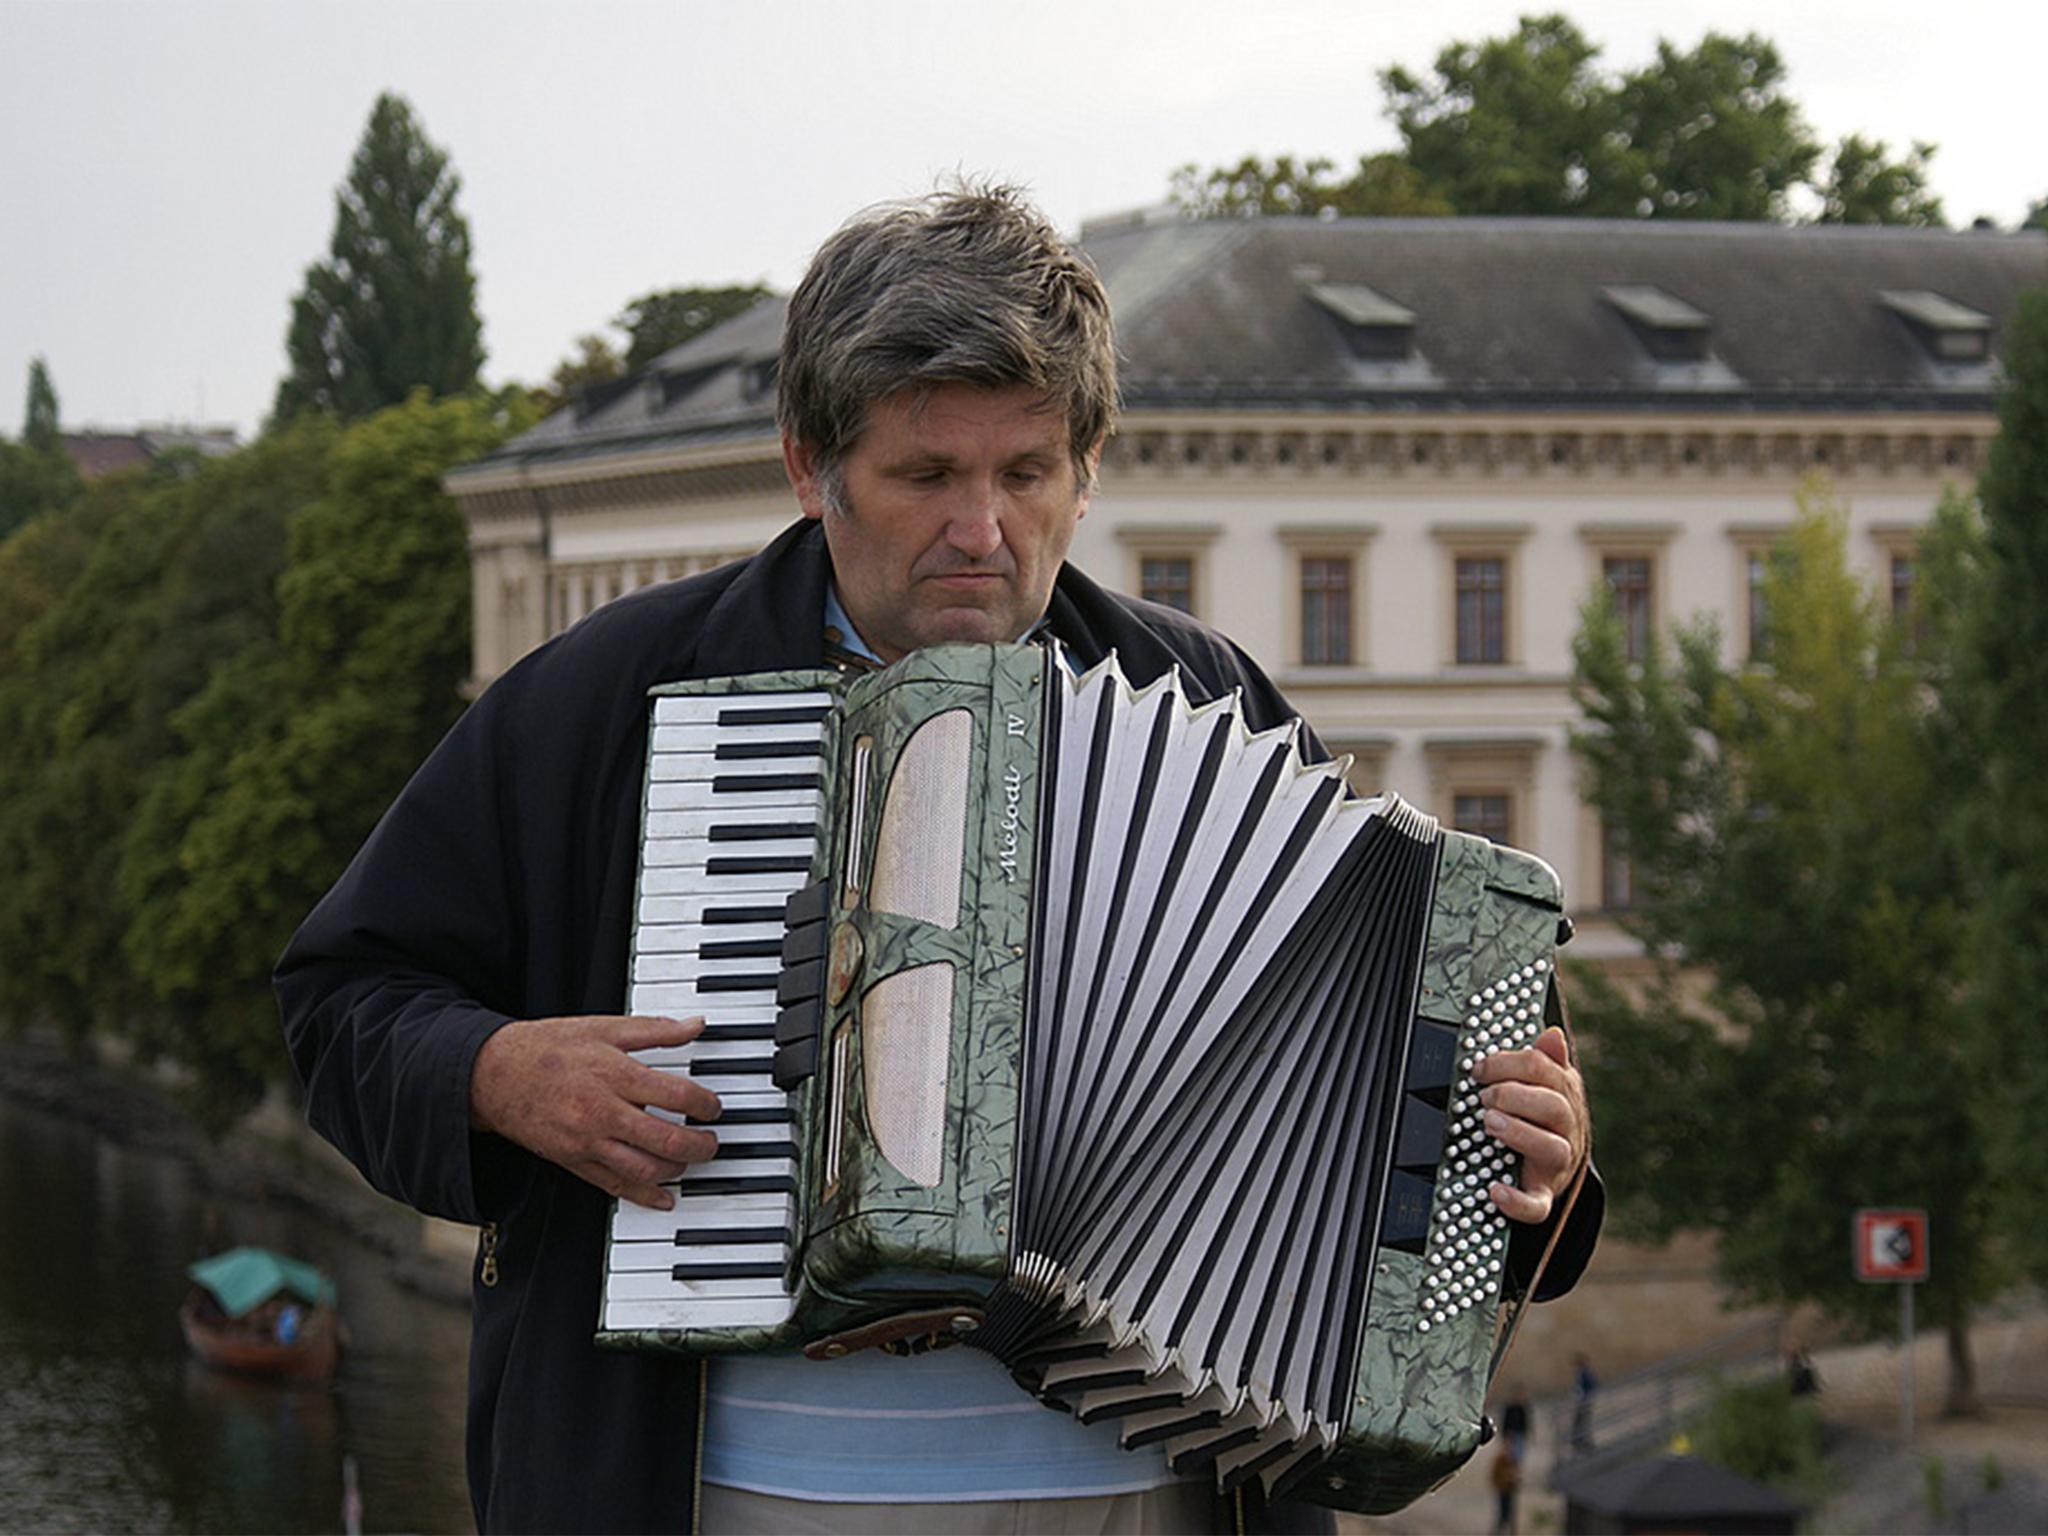 Man plays an accordion